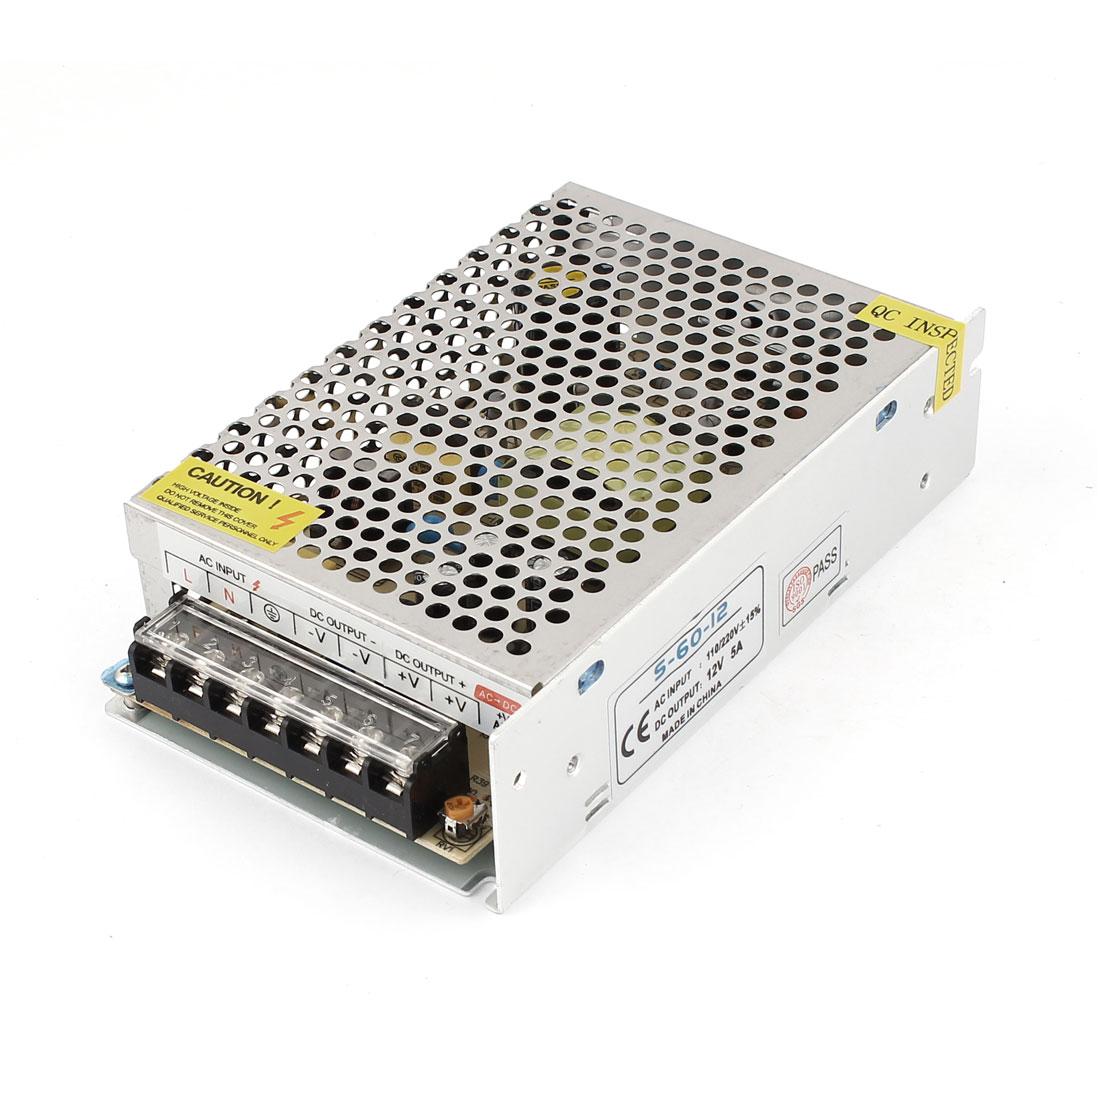 AC 110V/220V DC 12V 5A Switch Power Supply Converter for LED Strip Light